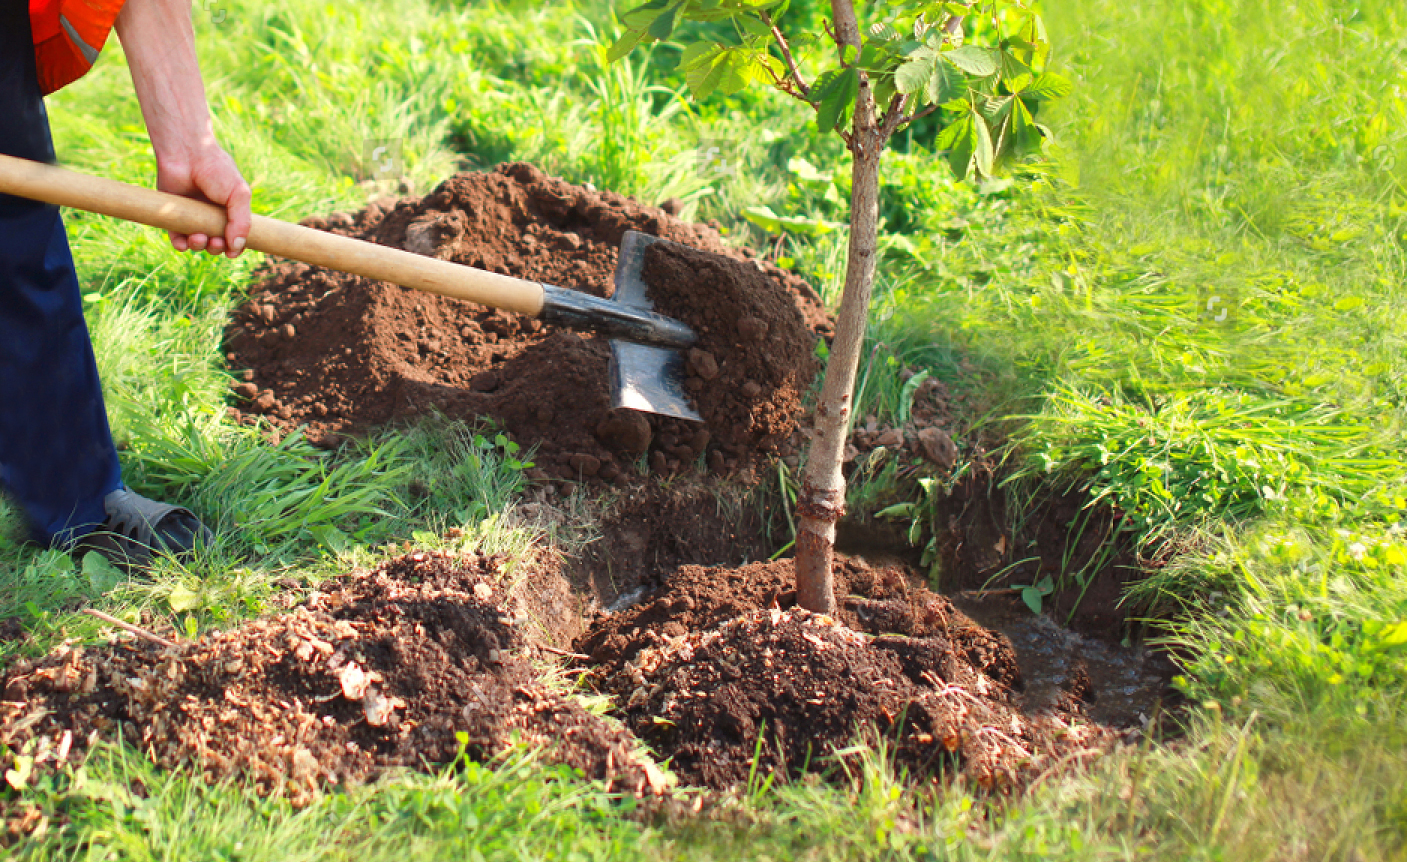 comment planter les arbres fruitiers conseils de p pini riste les carnets de georges delbard. Black Bedroom Furniture Sets. Home Design Ideas